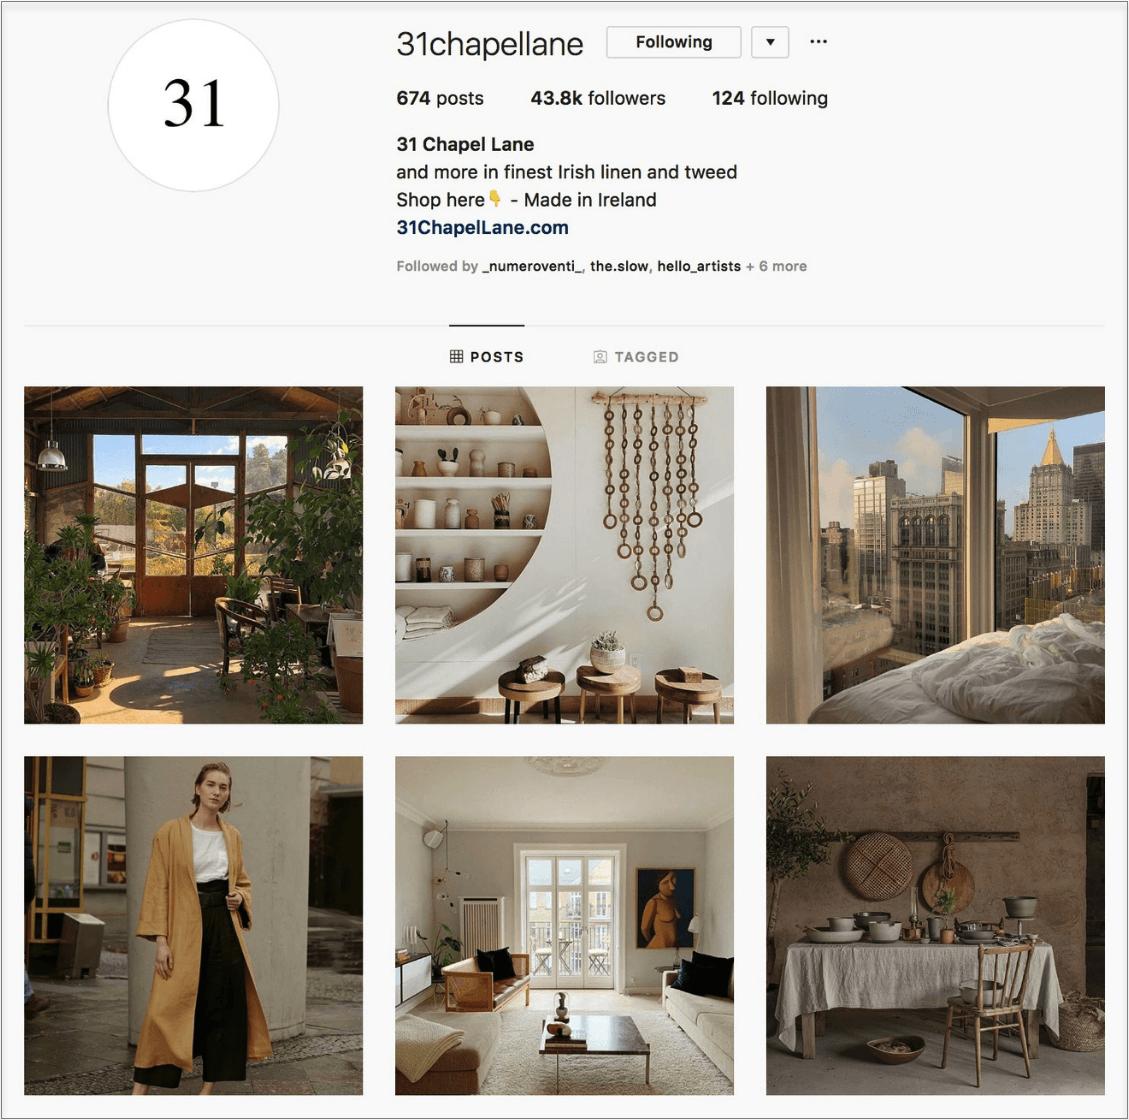 جدولة المشاركات في Instagram: 31chappelane